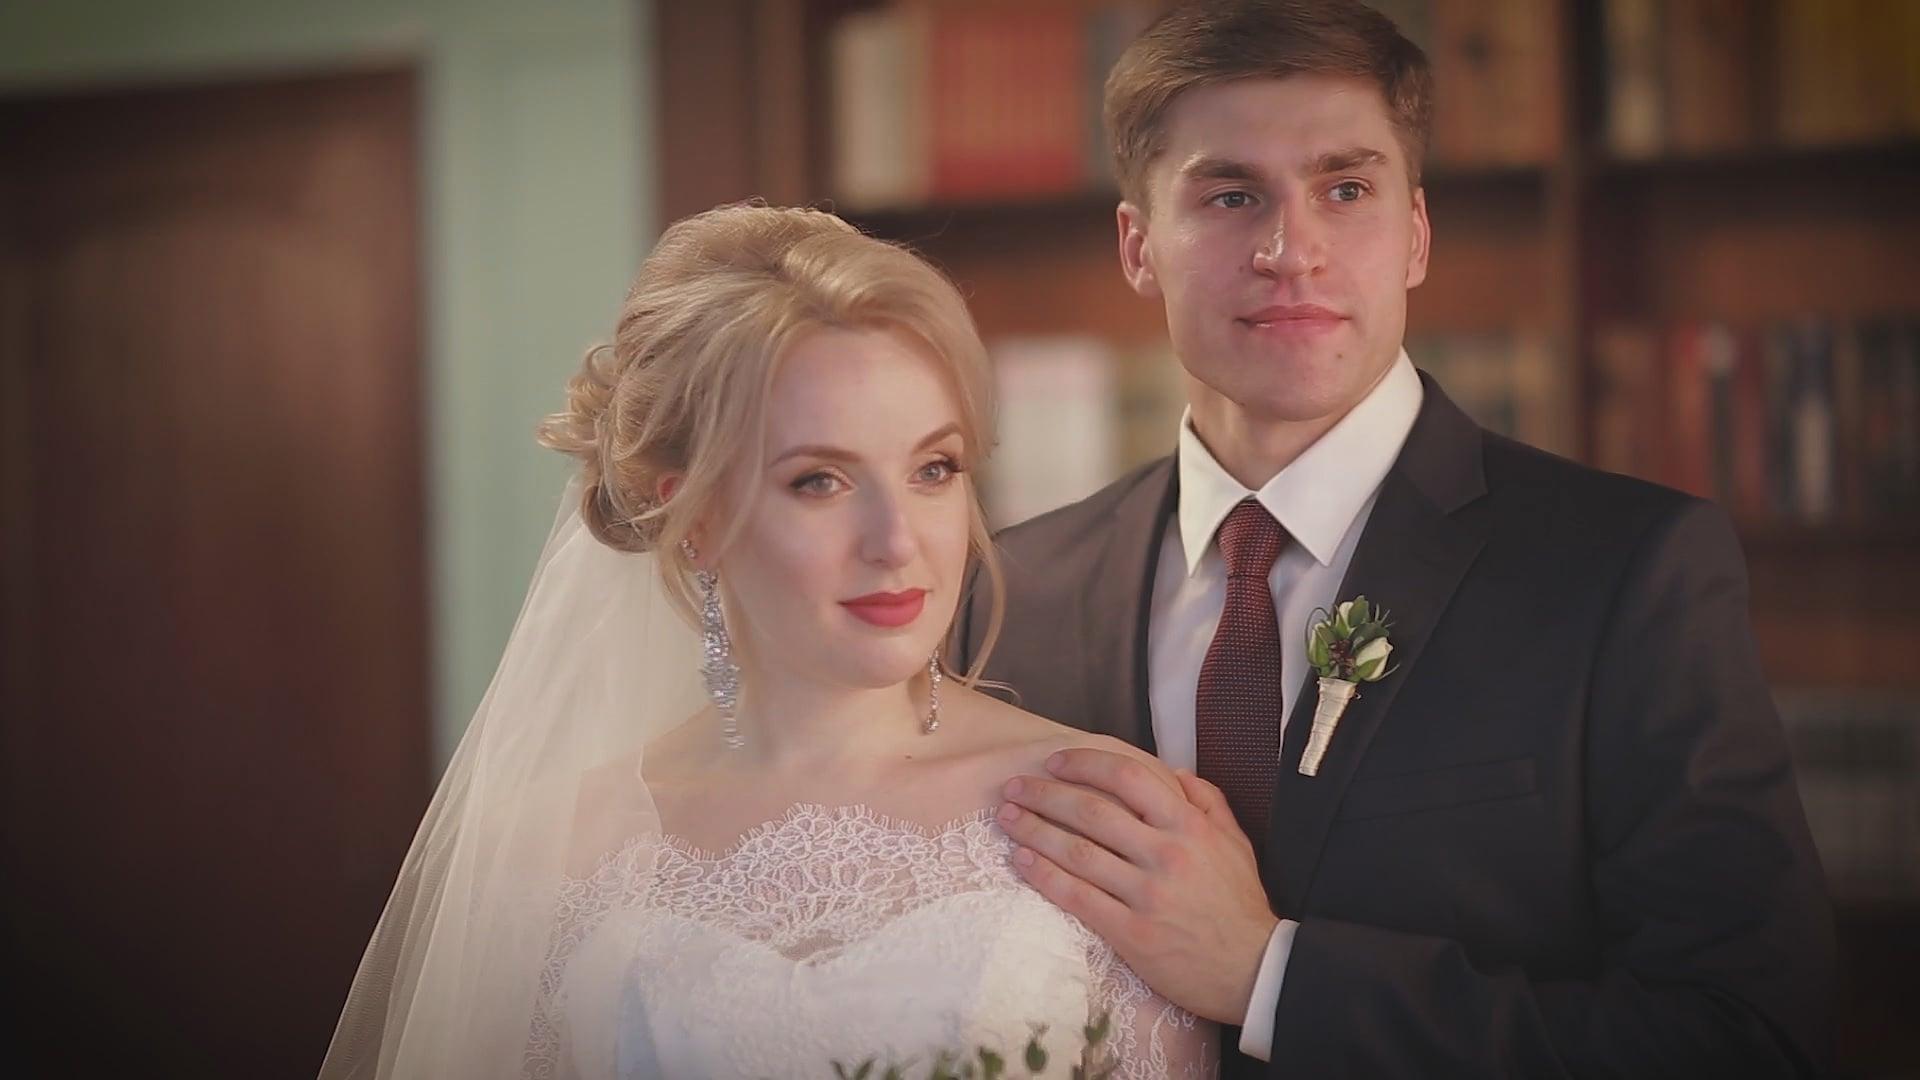 Иван и Александра | Свадебный клип